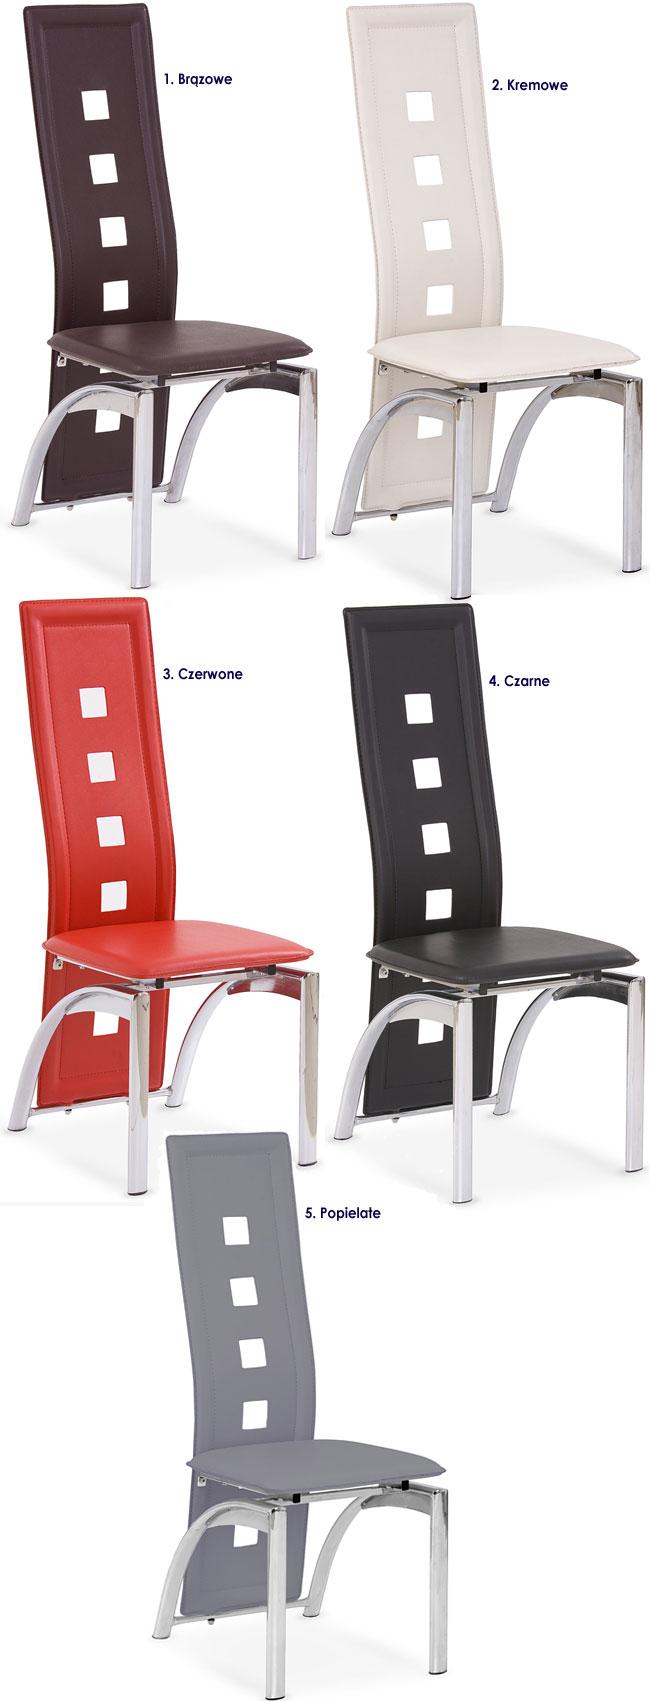 Nowoczesne krzesło tapicerowane Imper